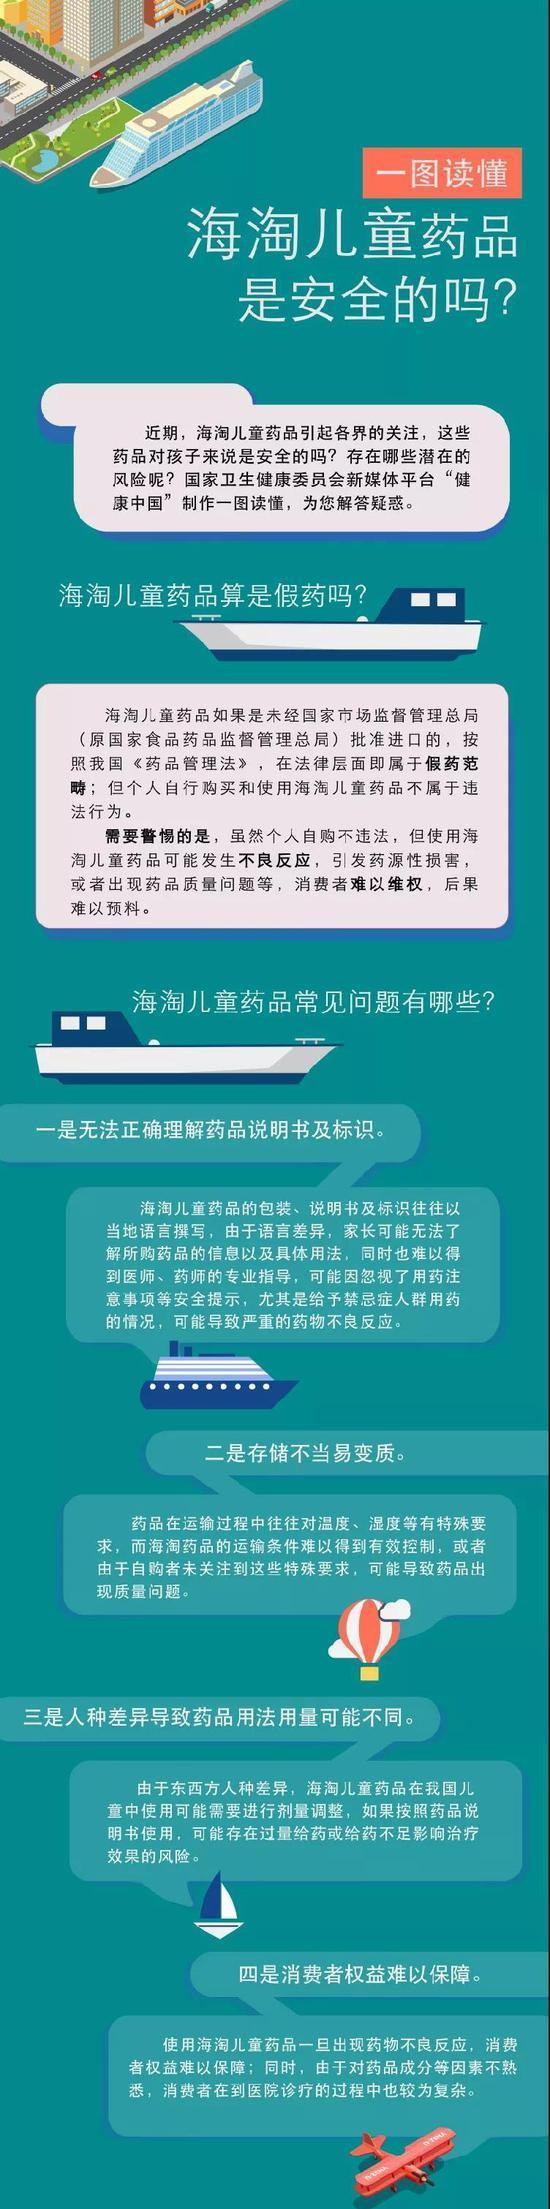 一图读懂:海淘儿童药品安全吗 有哪些潜在风险?